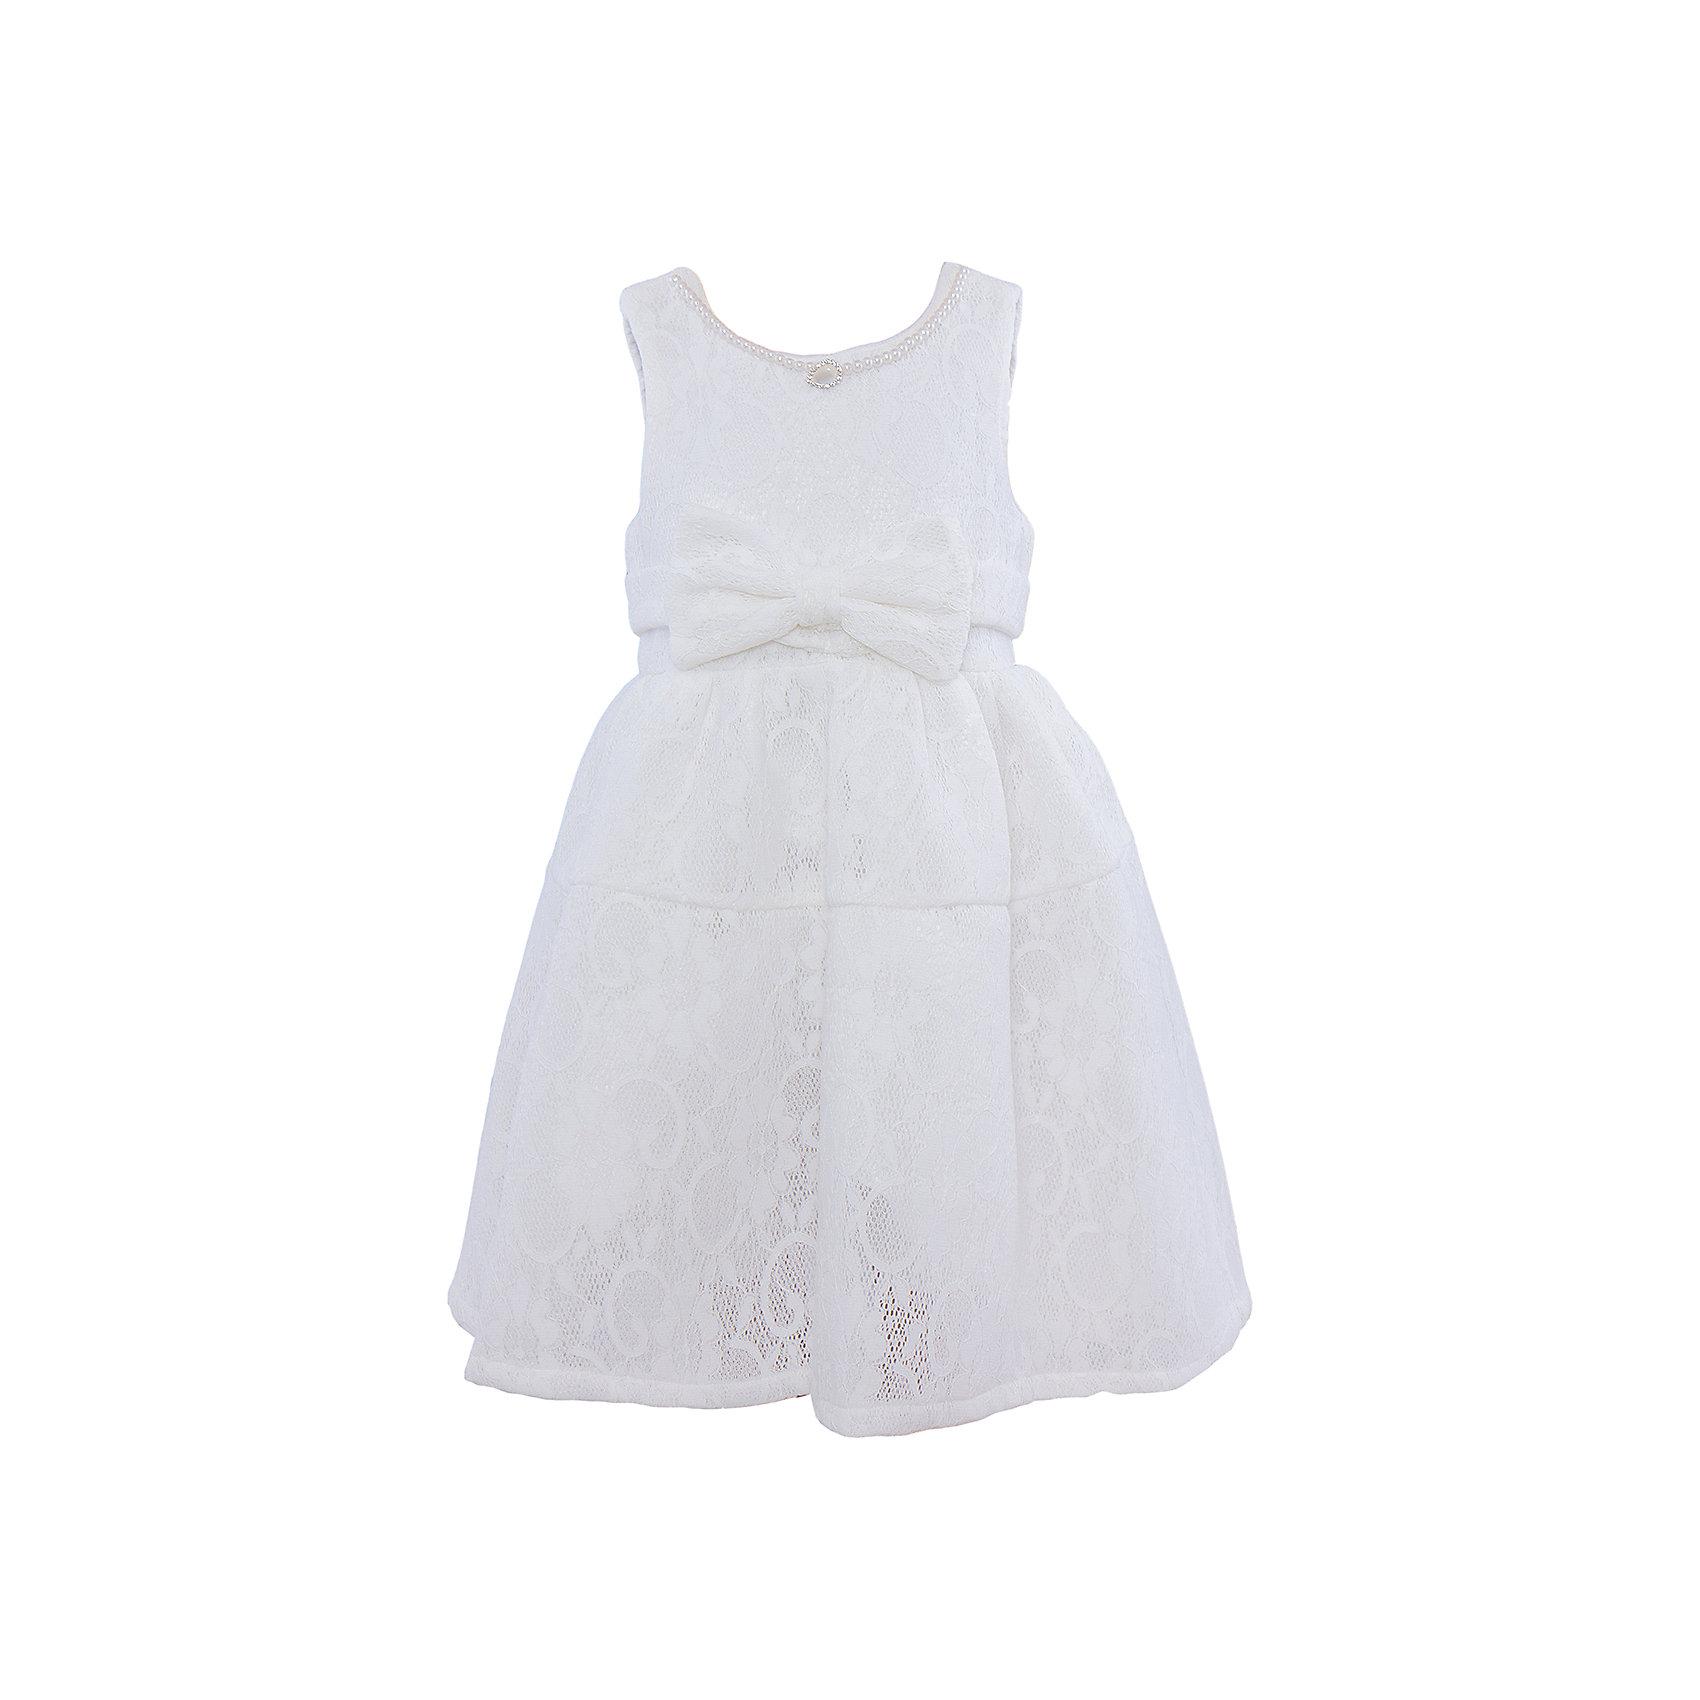 Нарядное платье для девочки Sweet BerryОдежда<br>Характеристики:<br><br>• Вид одежды: платье<br>• Предназначение: для праздника, торжеств<br>• Сезон: круглый год<br>• Материал: верх – 100% полиэстер; подкладка – 100% хлопок<br>• Цвет: белый<br>• Силуэт: классический А-силуэт<br>• Длина платья: миди<br>• Вырез горловины: круглый<br>• Горловина декорирована бусинами и кулоном<br>• Наличие объемного пояса с декоративным бантом<br>• Застежка: молния на спинке<br>• Особенности ухода: ручная стирка без применения отбеливающих средств, глажение при низкой температуре <br><br>Sweet Berry – это производитель, который сочетает в своей одежде функциональность, качество, стиль и следование современным мировым тенденциям в детской текстильной индустрии. <br>Платье для девочки от знаменитого производителя детской одежды Sweet Berry выполнено из полиэстера с хлопковым подкладкой. Изделие имеет классический силуэт с отрезной талией и отрезной кокеткой у пышной юбки. Пышность юбке придает атласный подклад и подъюбник из сетки. Изделие выполнено из кружевной ткани белого цвета, декорировано объемным поясом с декоративным бантом. Горловина оформлена бусинами в форме жемчужин и кулоном в форме капли. Праздничное платье от Sweet Berry – это залог успеха вашего ребенка на любом торжестве!<br><br>Платье для девочки Sweet Berry можно купить в нашем интернет-магазине.<br><br>Ширина мм: 236<br>Глубина мм: 16<br>Высота мм: 184<br>Вес г: 177<br>Цвет: белый<br>Возраст от месяцев: 36<br>Возраст до месяцев: 48<br>Пол: Женский<br>Возраст: Детский<br>Размер: 98,110,116,122,128,104<br>SKU: 5052084